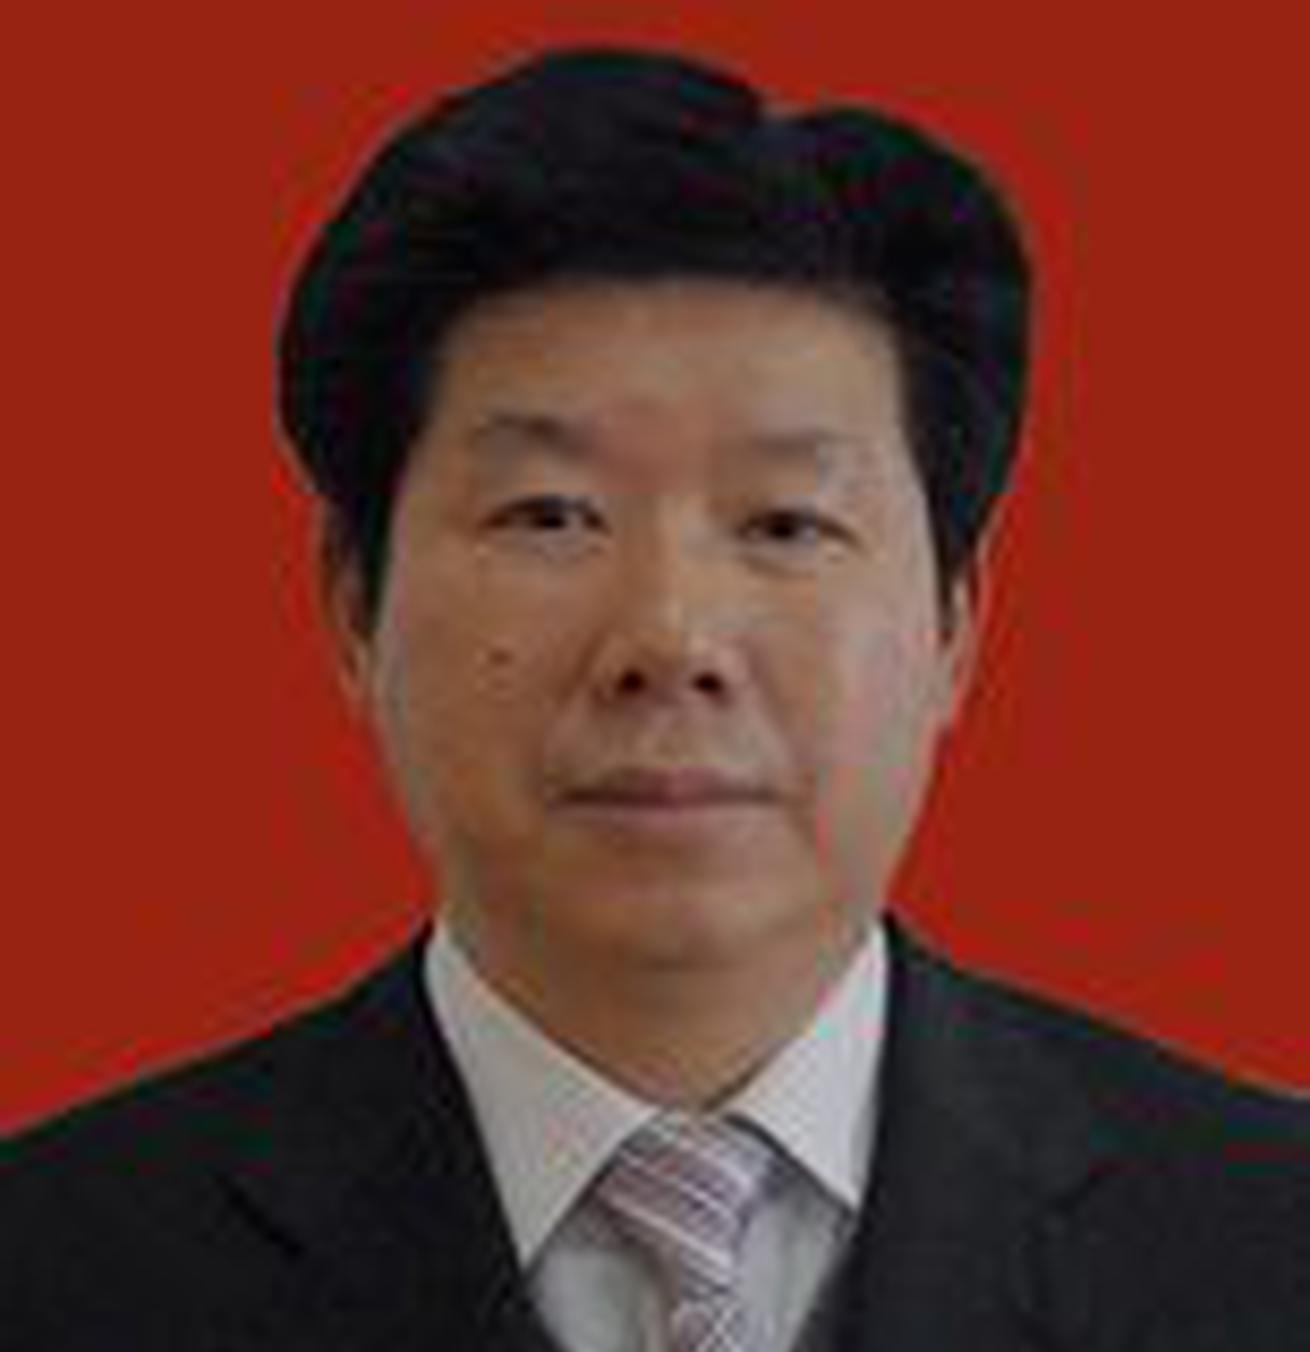 湖南中医药大学原校长谭元生受贿677万元 认罪认罚获从宽处理